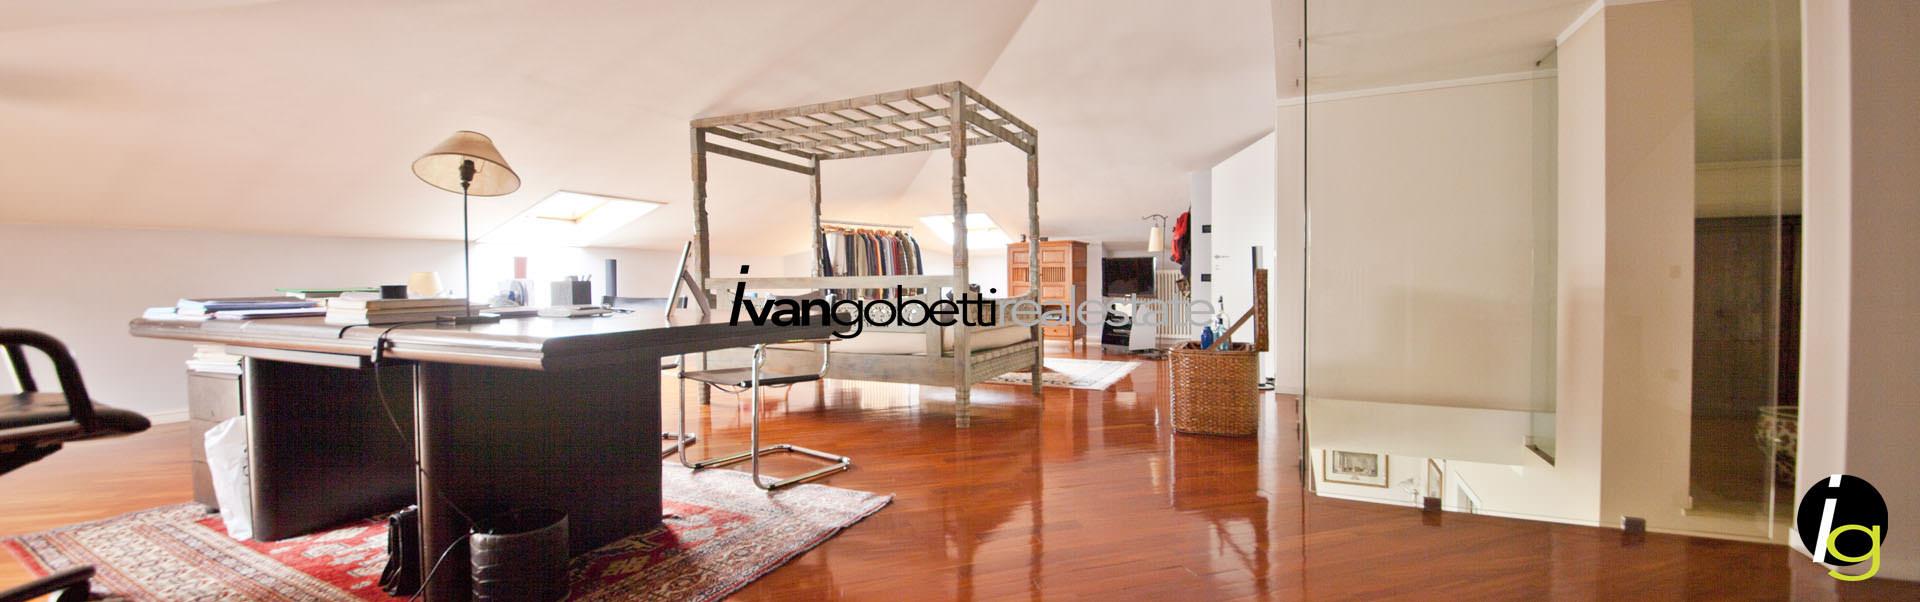 Modern villa with garden and Lake Maggiore view